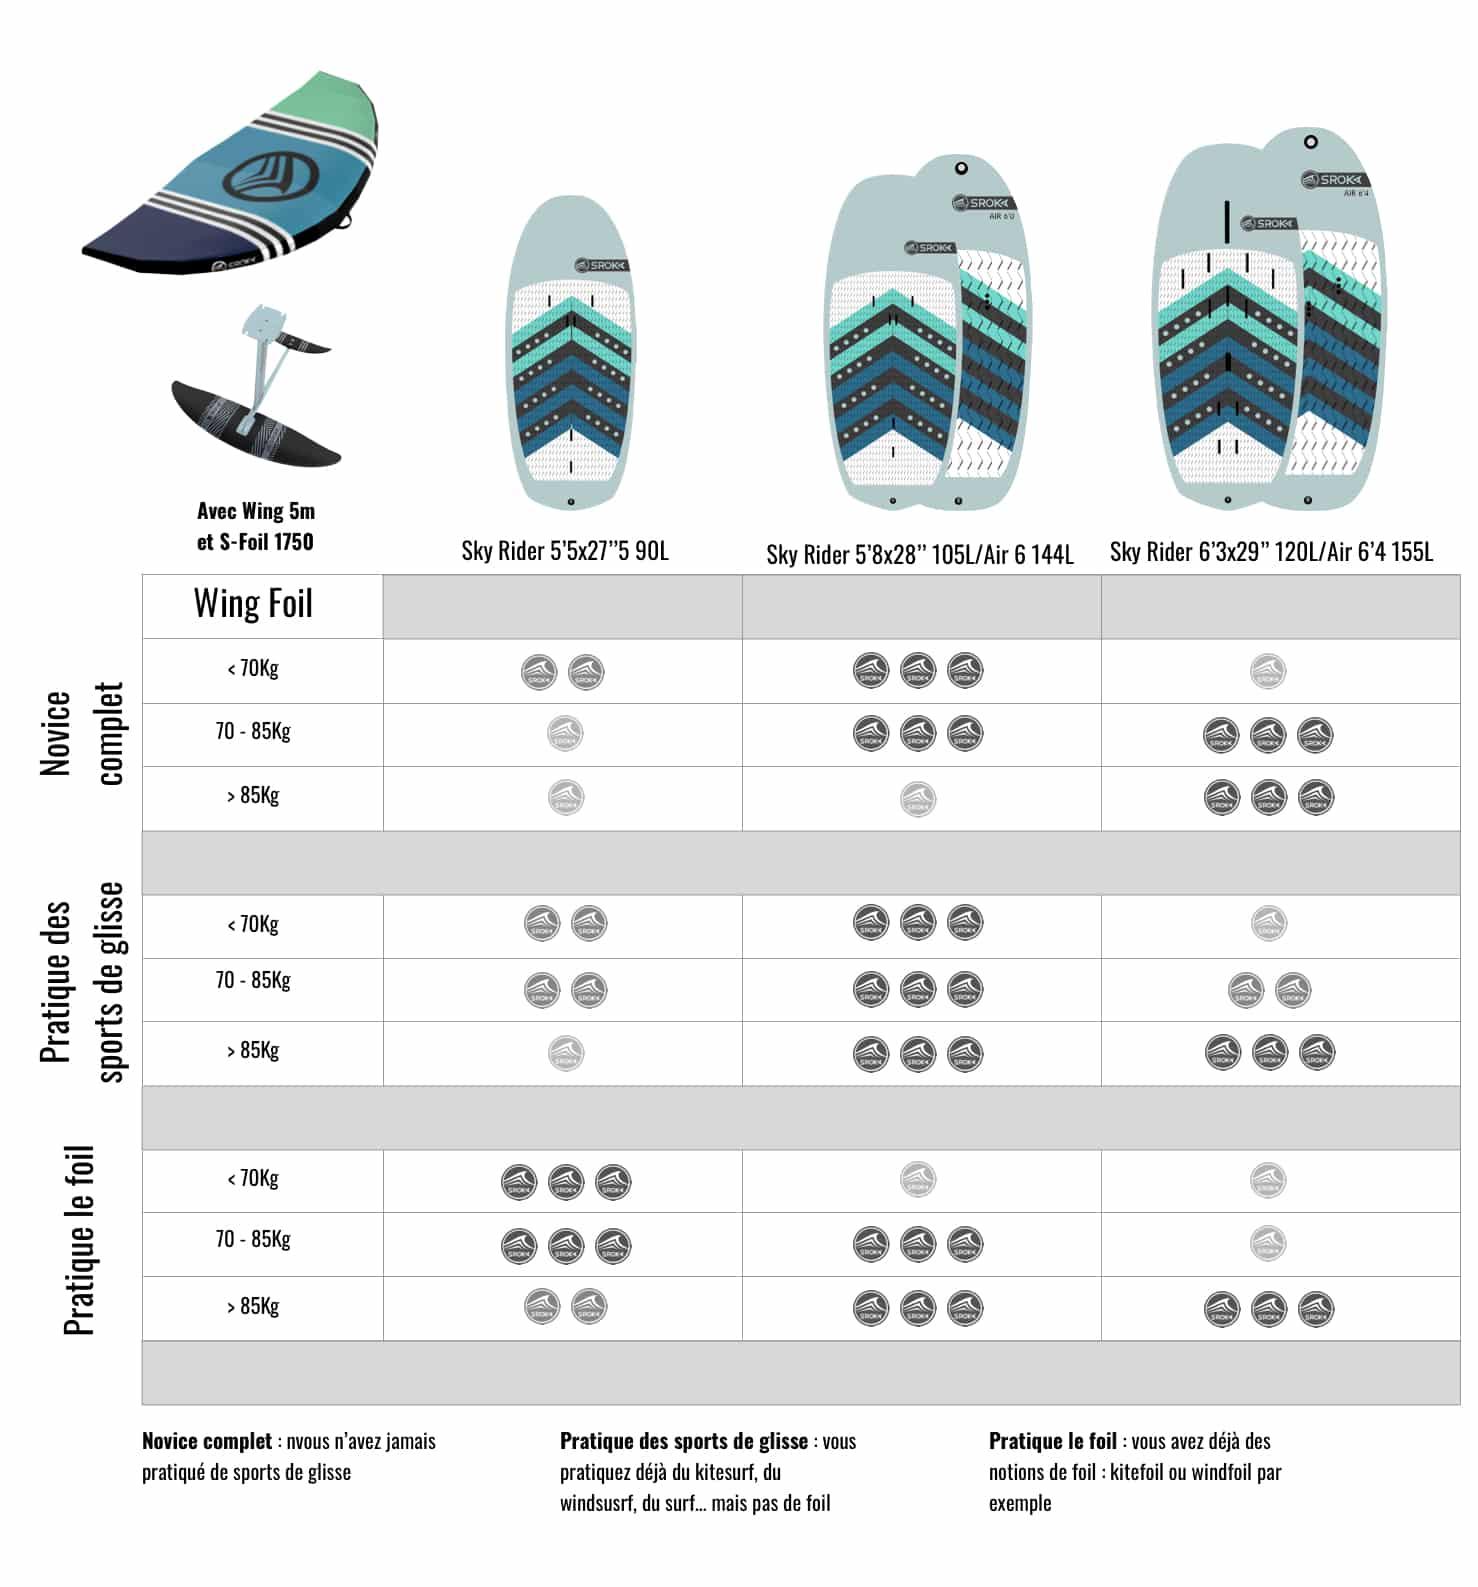 Tableau pour bien choisir son pack Wingfoil